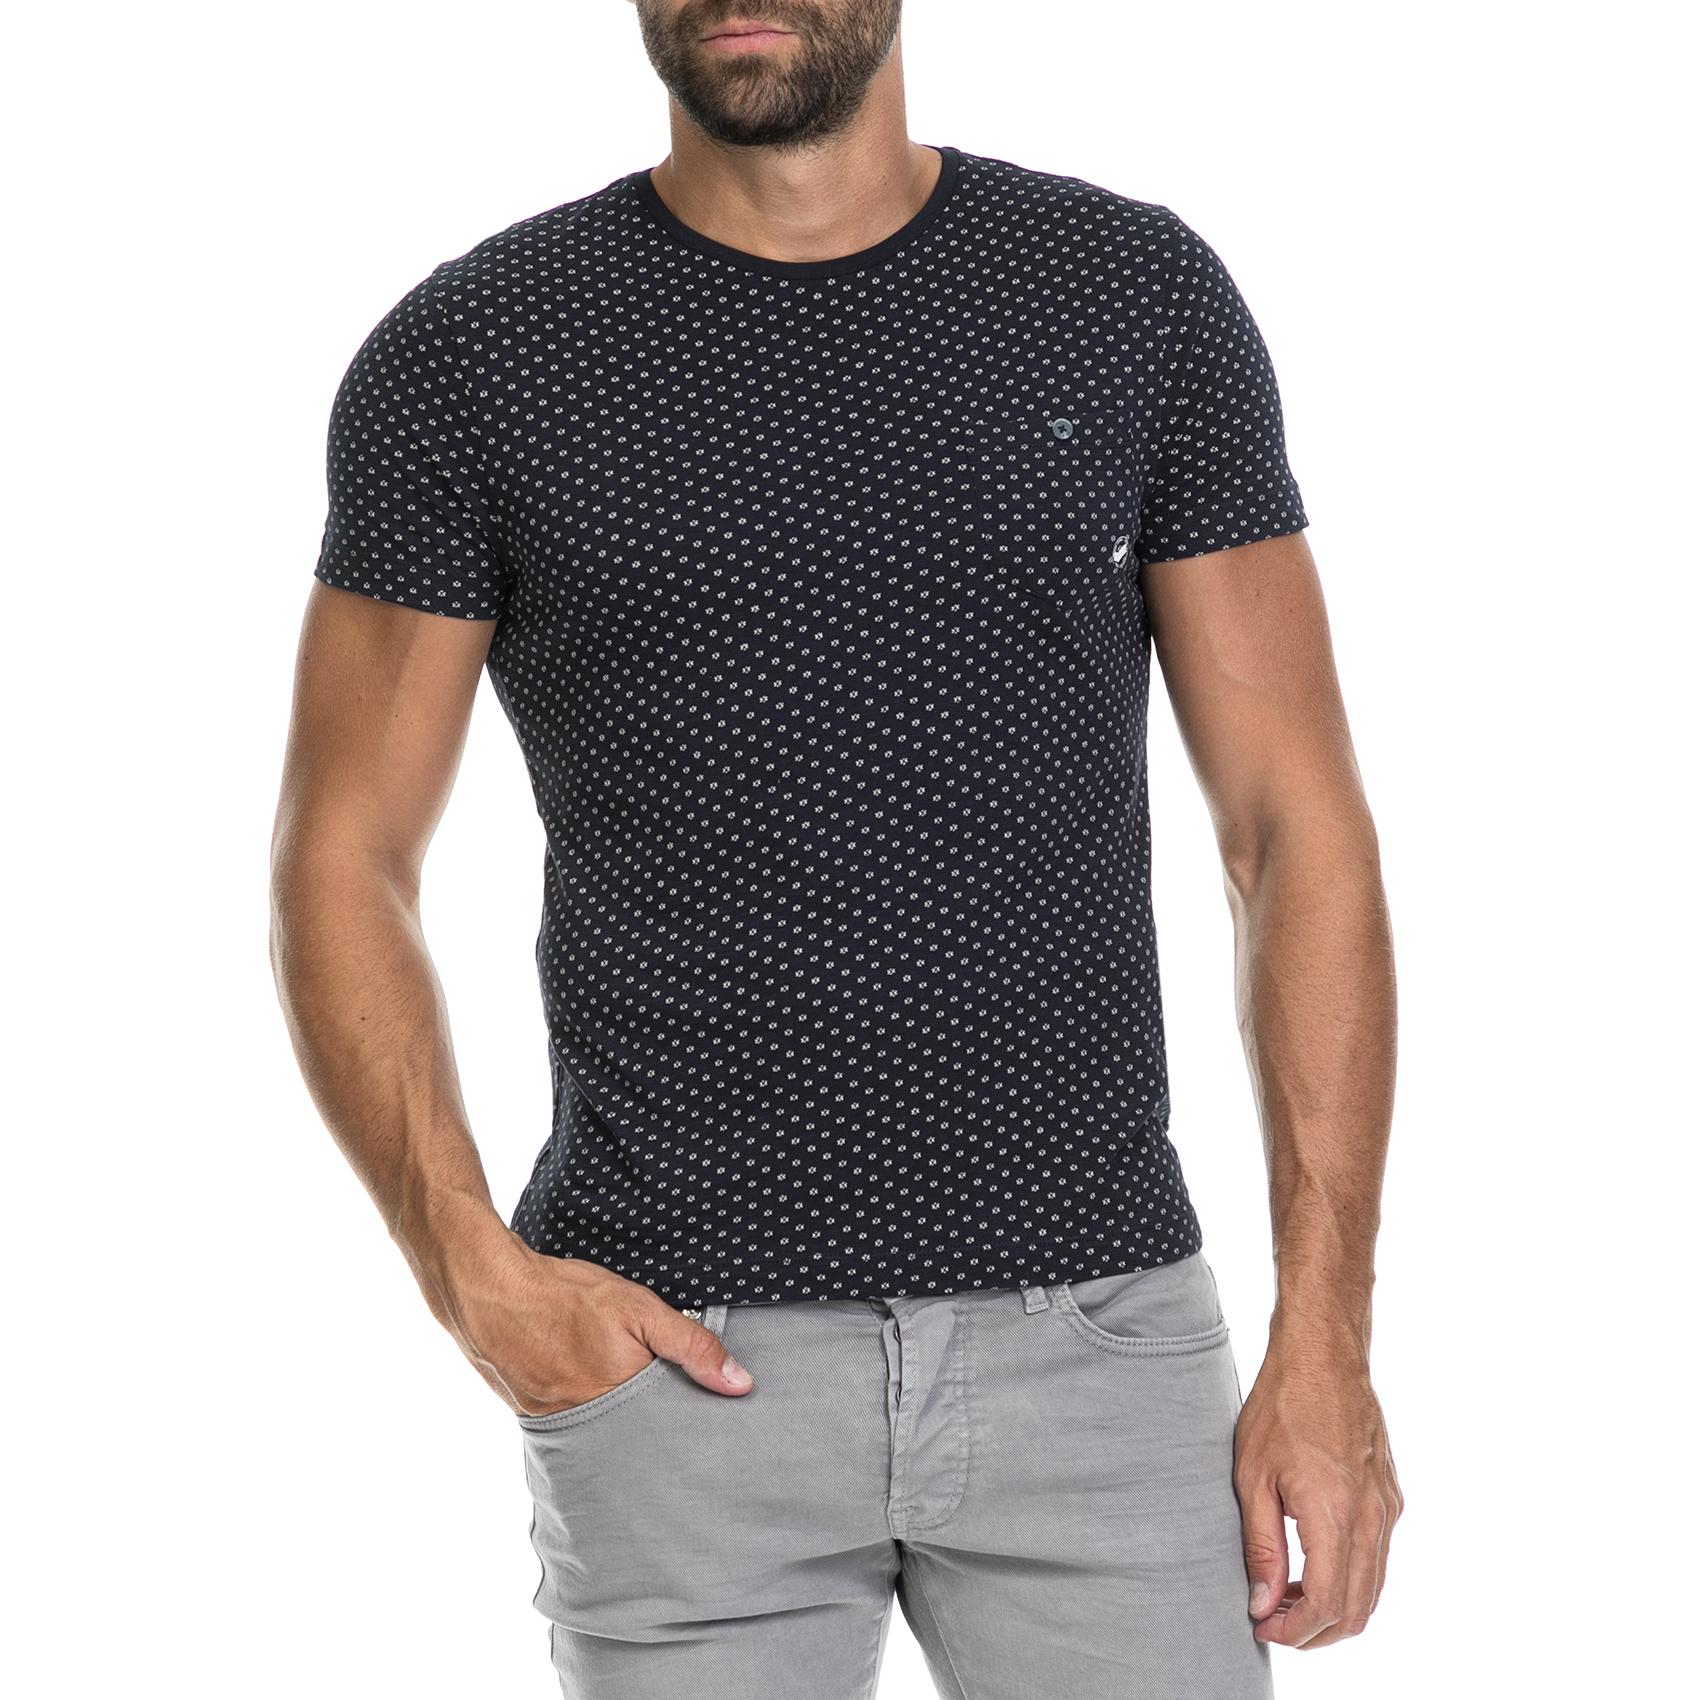 GAS - Ανδρική μπλούζα GOLM/S GAS μαύρη ανδρικά ρούχα μπλούζες κοντομάνικες